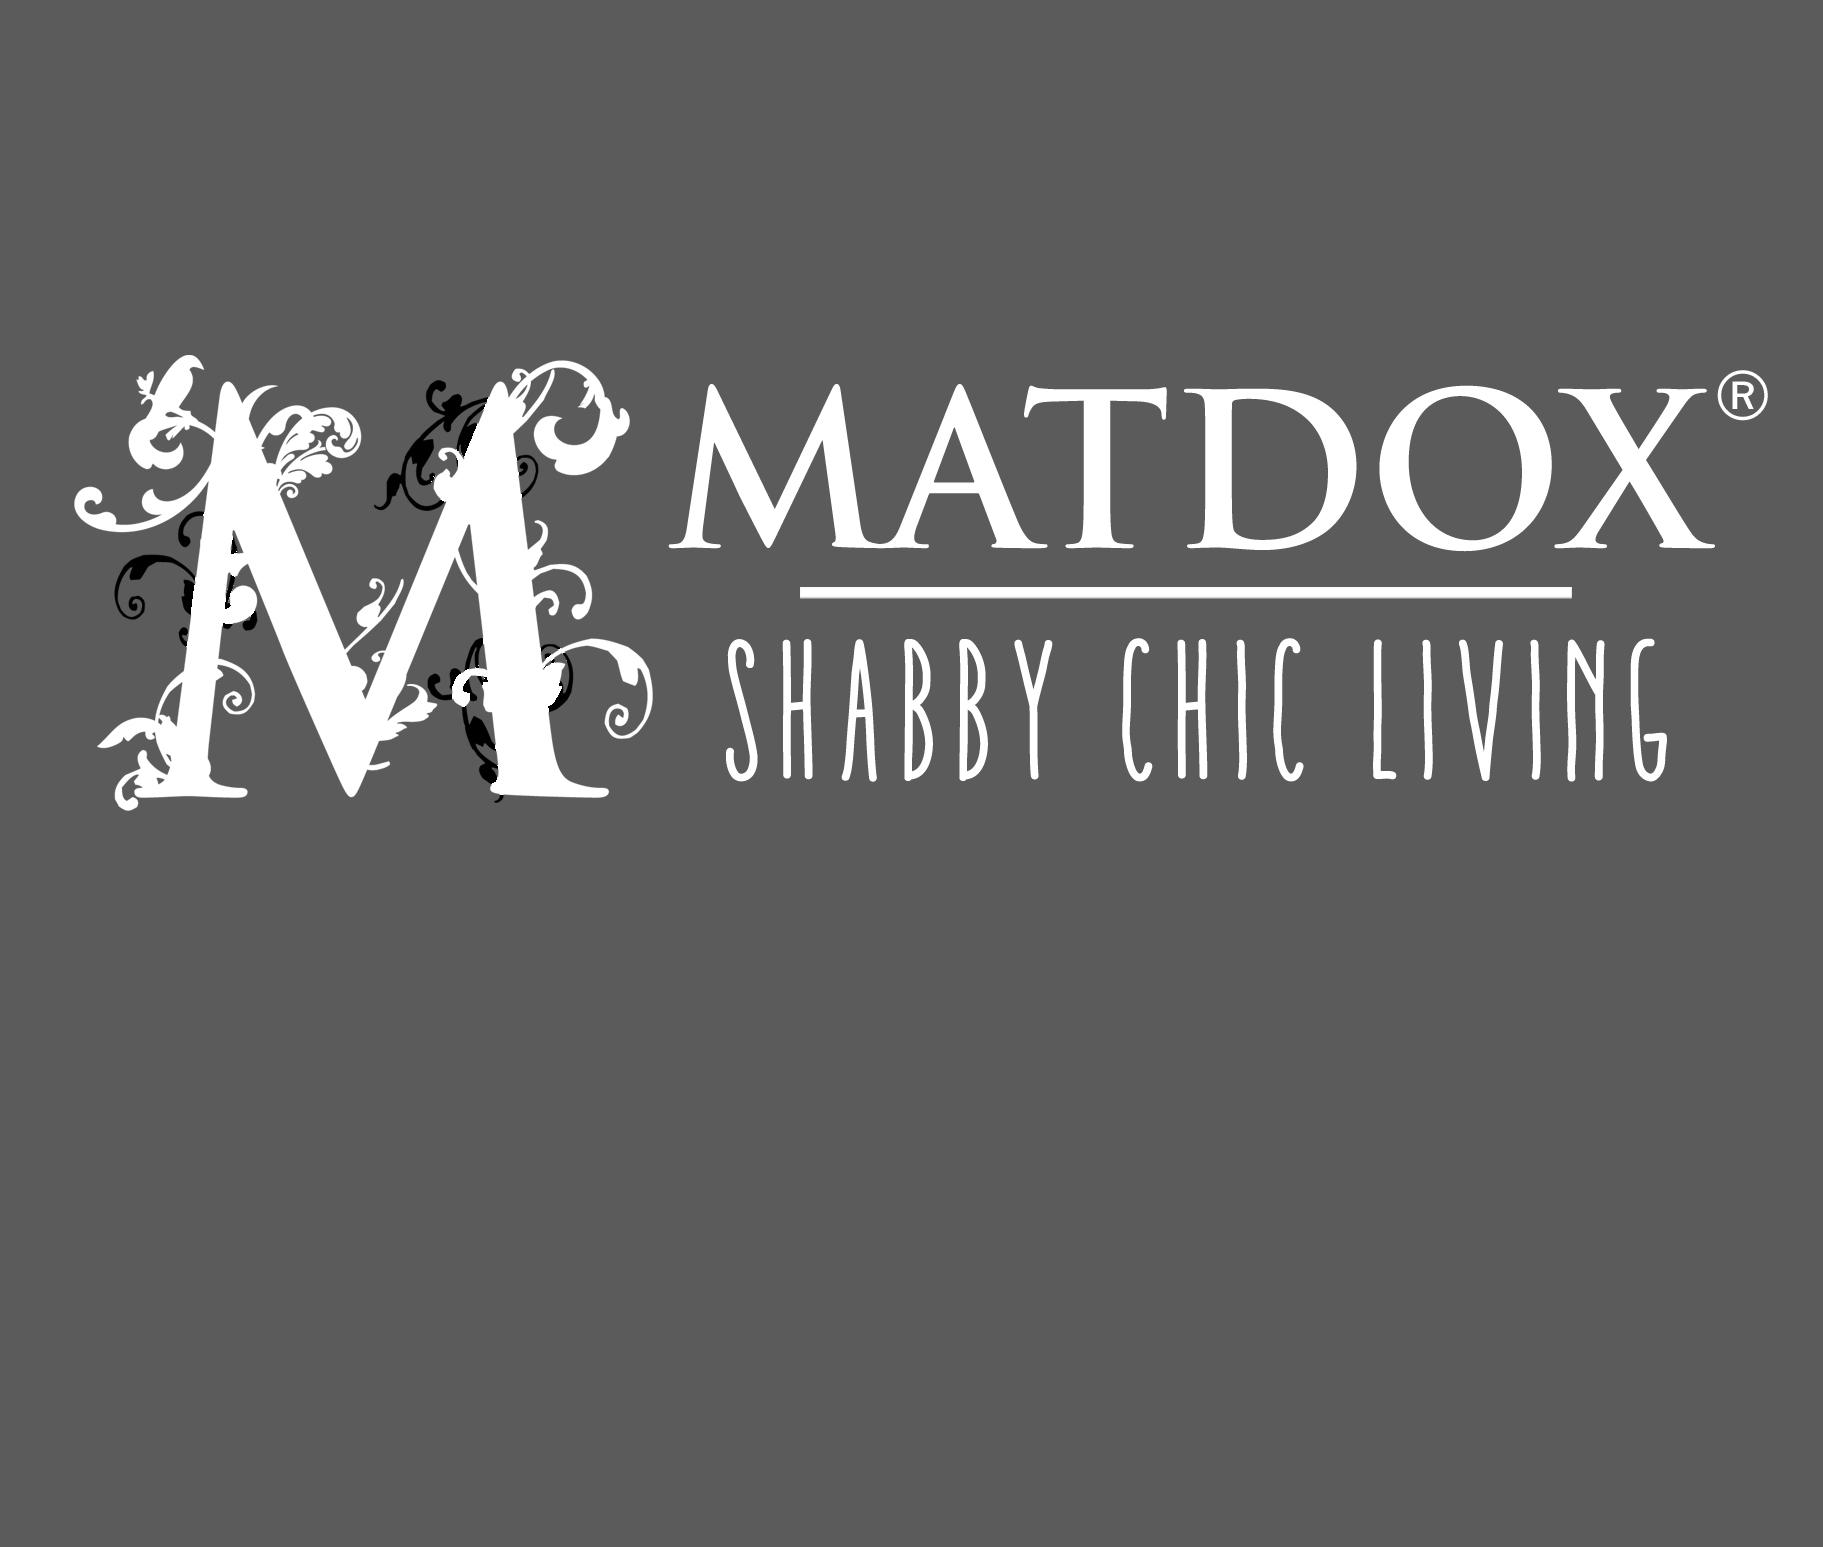 Matdox Shabby Chic Living